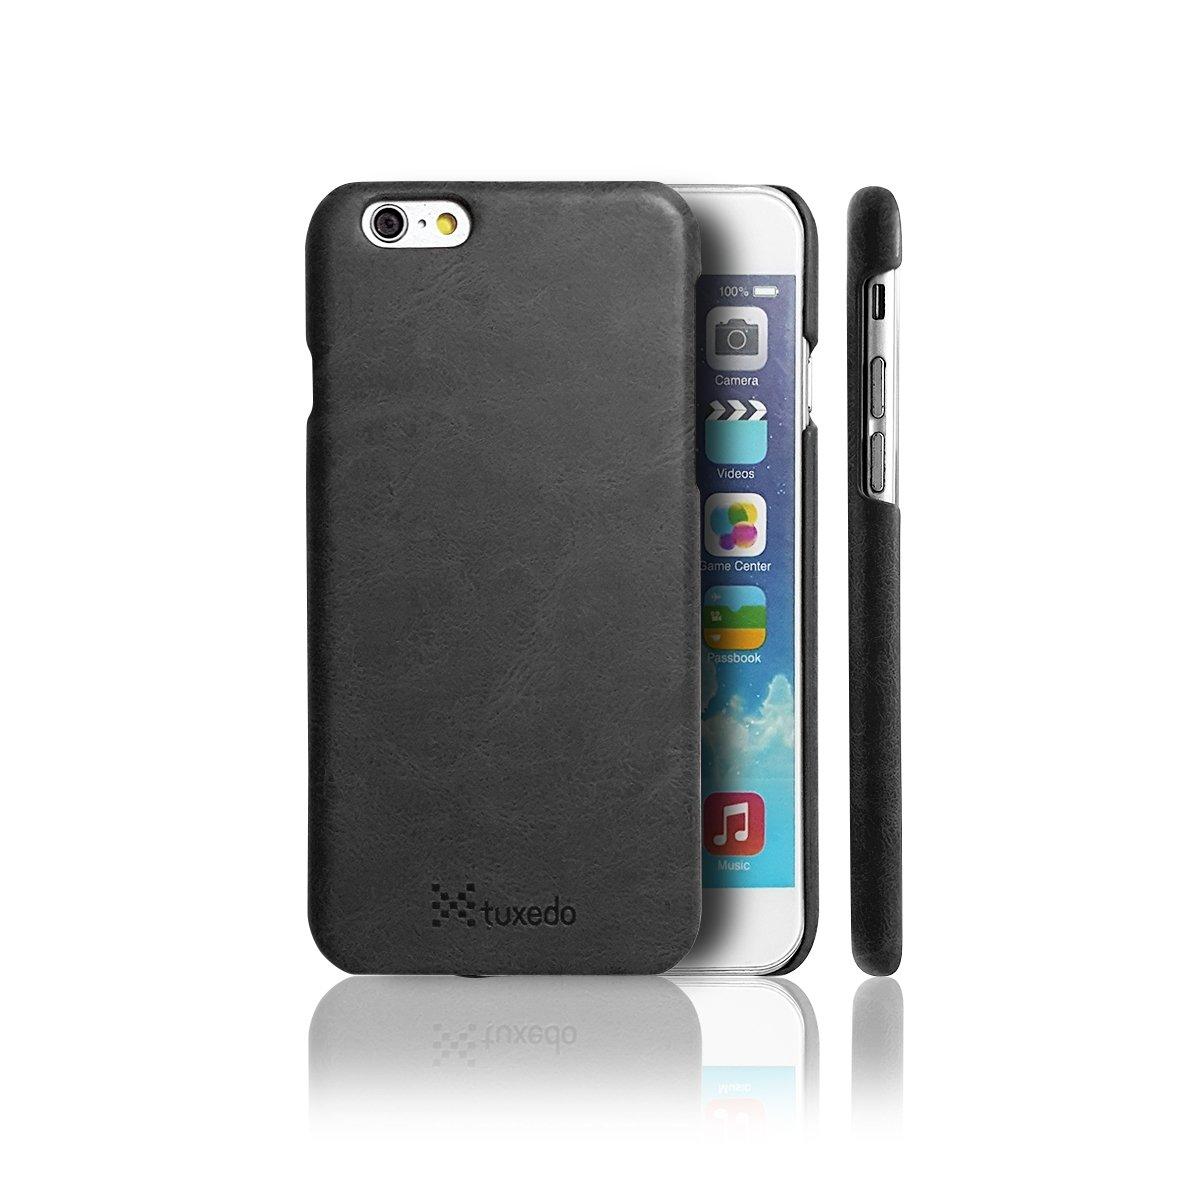 Ốp lưng da iPhone 6 / 6S Tuxedo, da PU cao cấp, cứng cáp, chống va đập, biến dạng